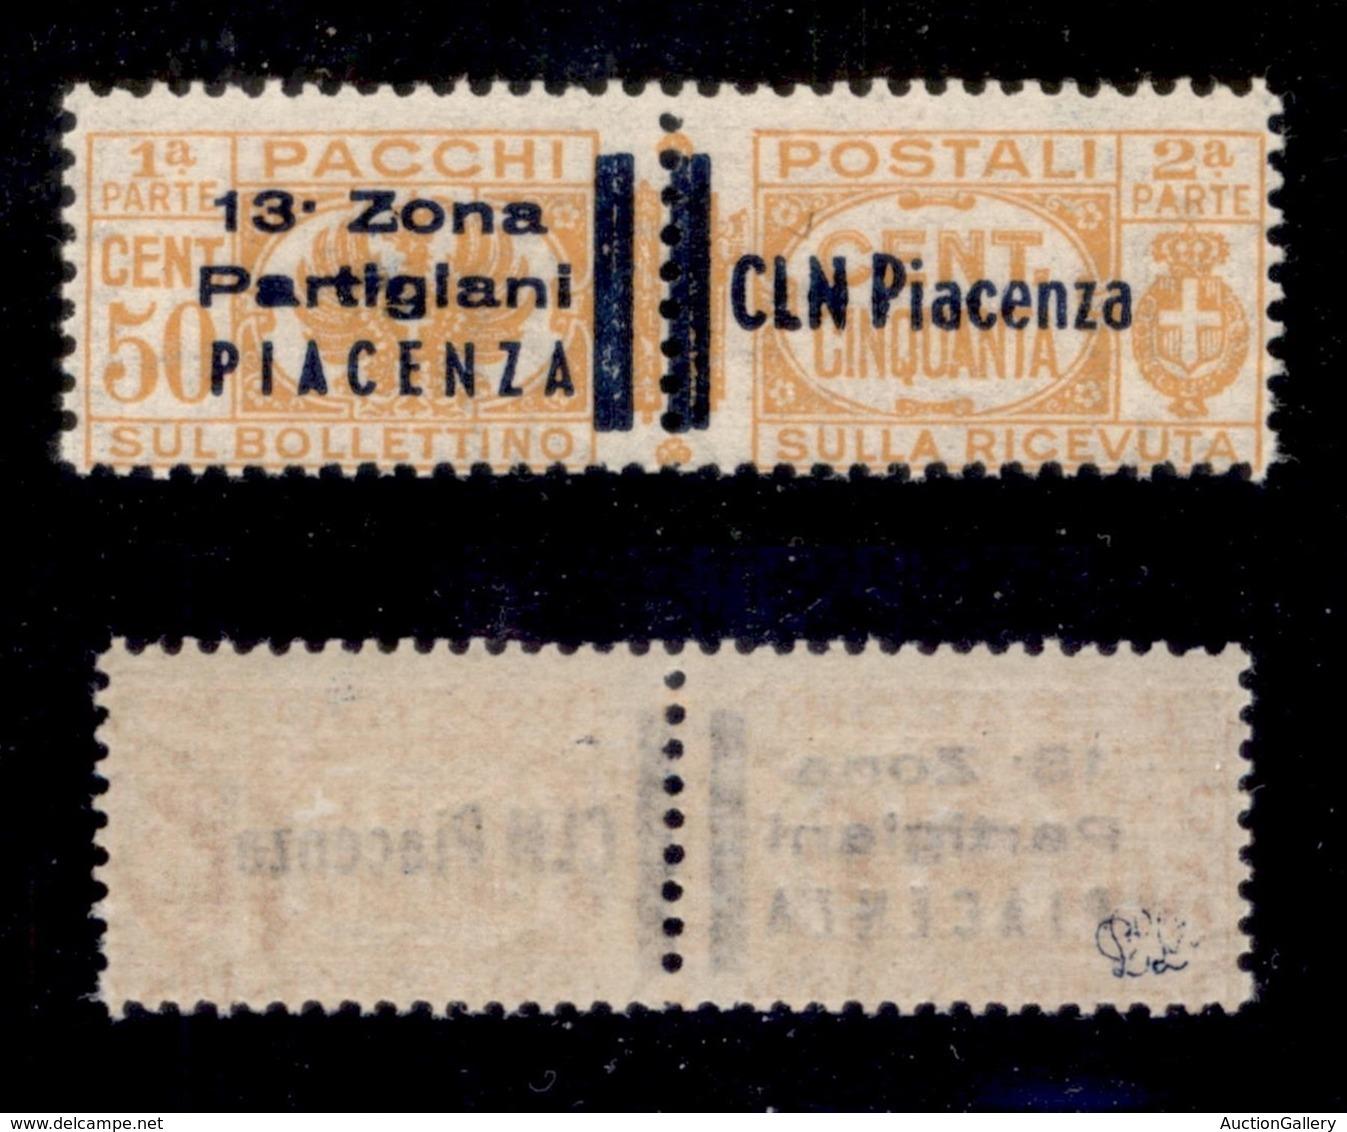 C.L.N. - PIACENZA - 1945 - 50 Cent Pacchi (Errani 31) - Gomma Integra - Cert. AG - Non Classificati